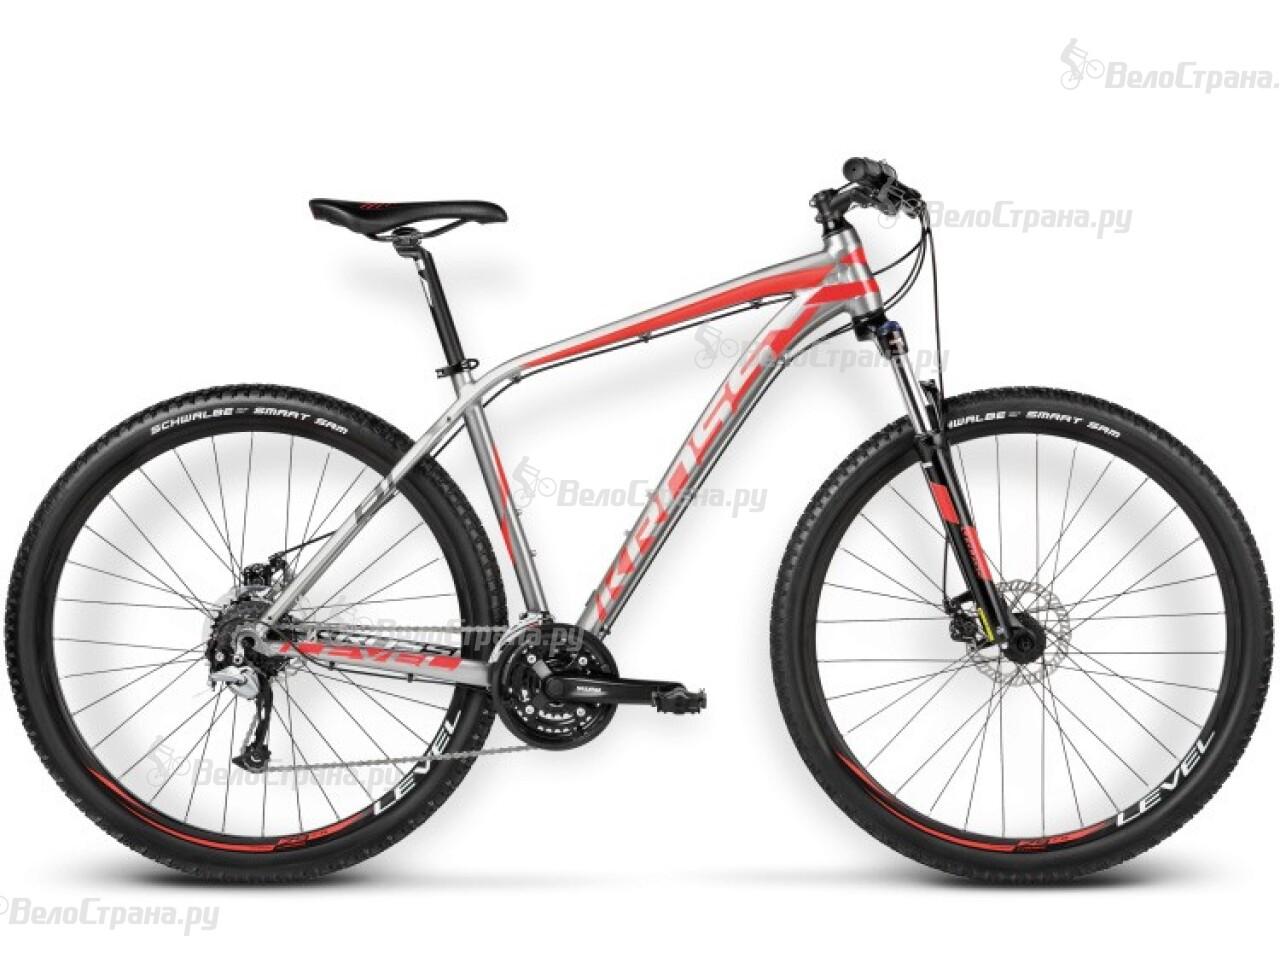 Велосипед Kross Level B1 (2016) велосипед kross lea f4 2016